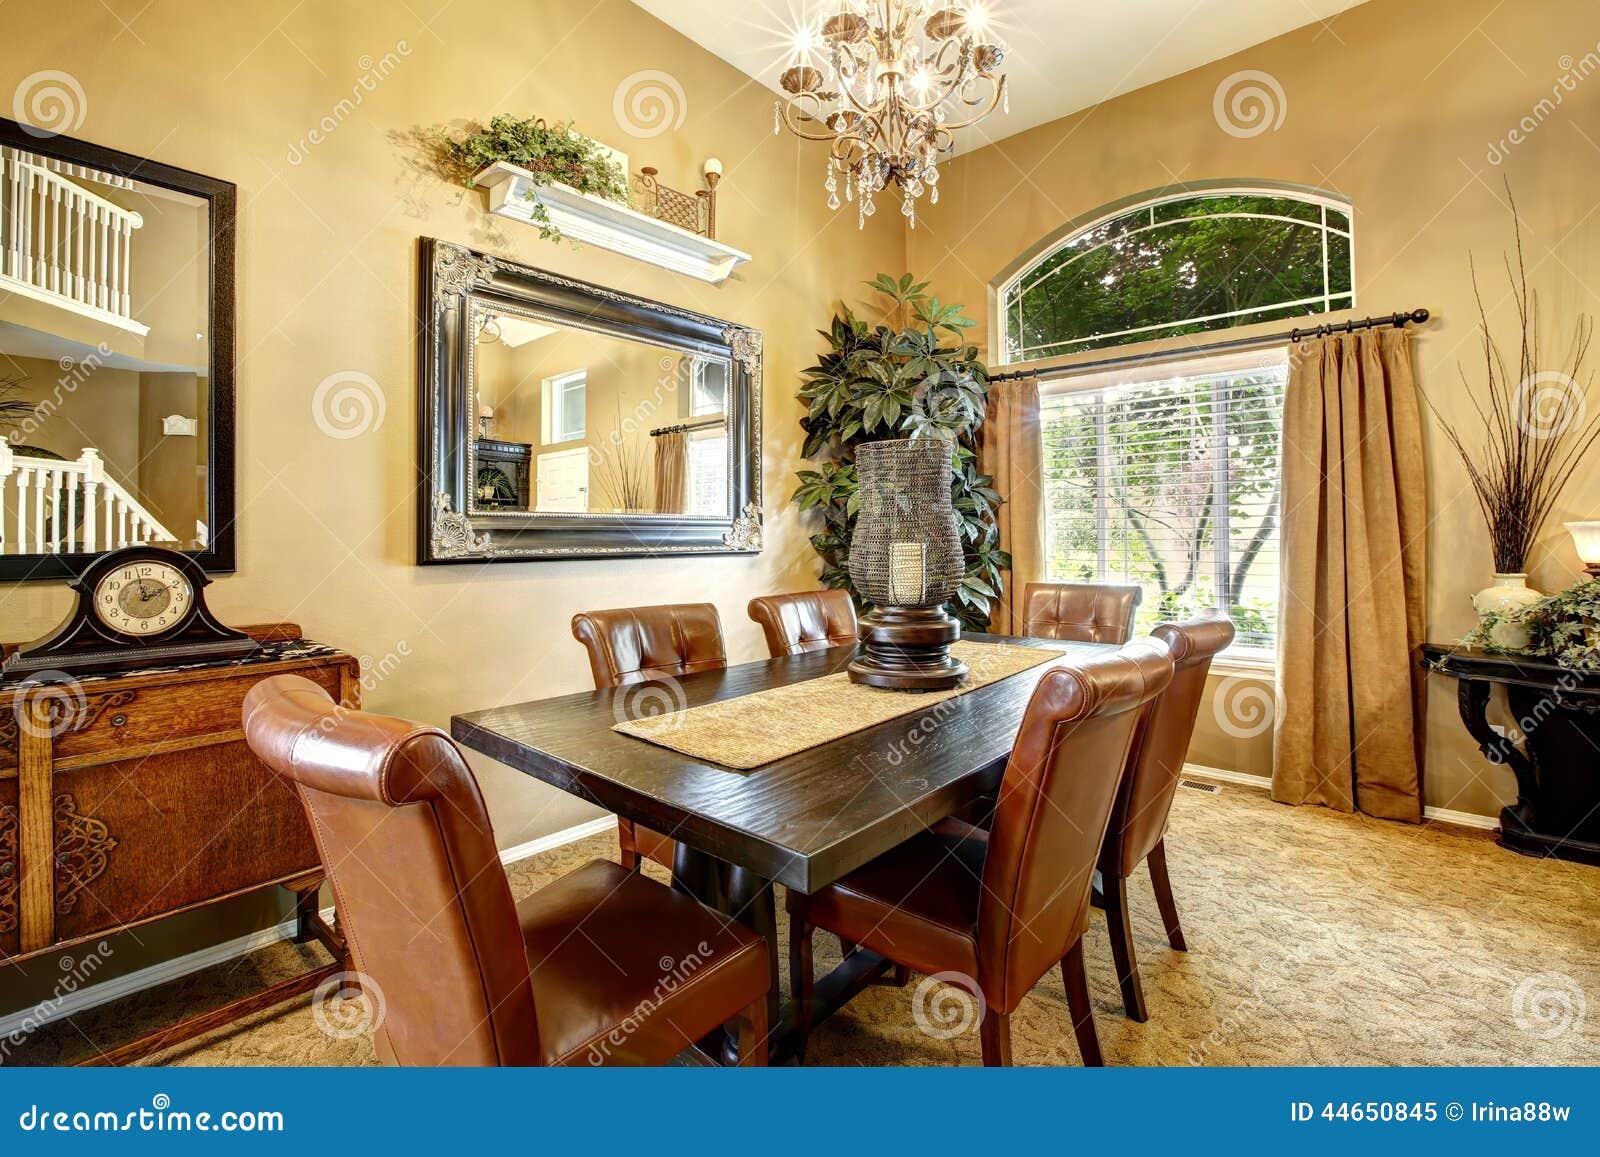 salle manger dans la maison amricaine de luxe - Salle A Manger Americaine